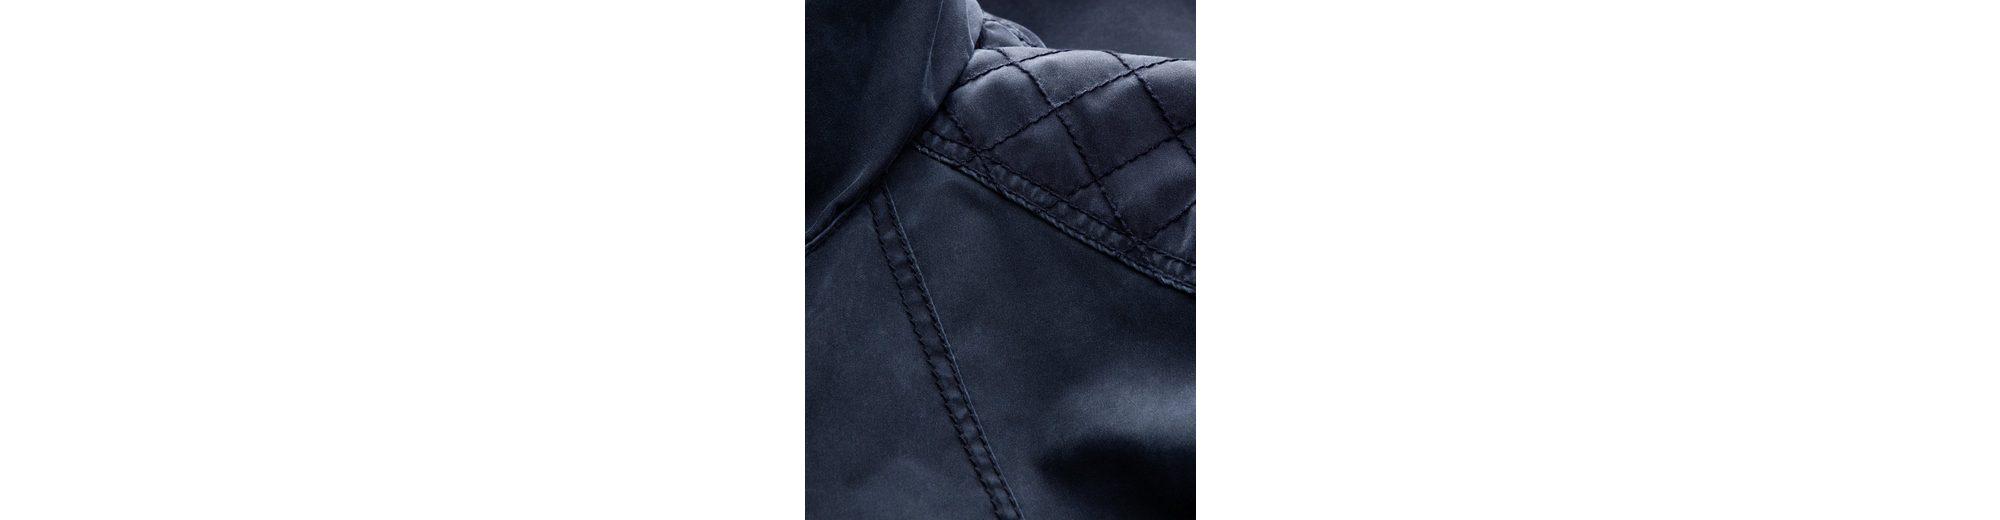 Gut Verkaufen Verkauf Online Babista Jacke in vorgewaschener Qualität Freies Verschiffen Bester Verkauf Vorbestellung KCp6j0U7G